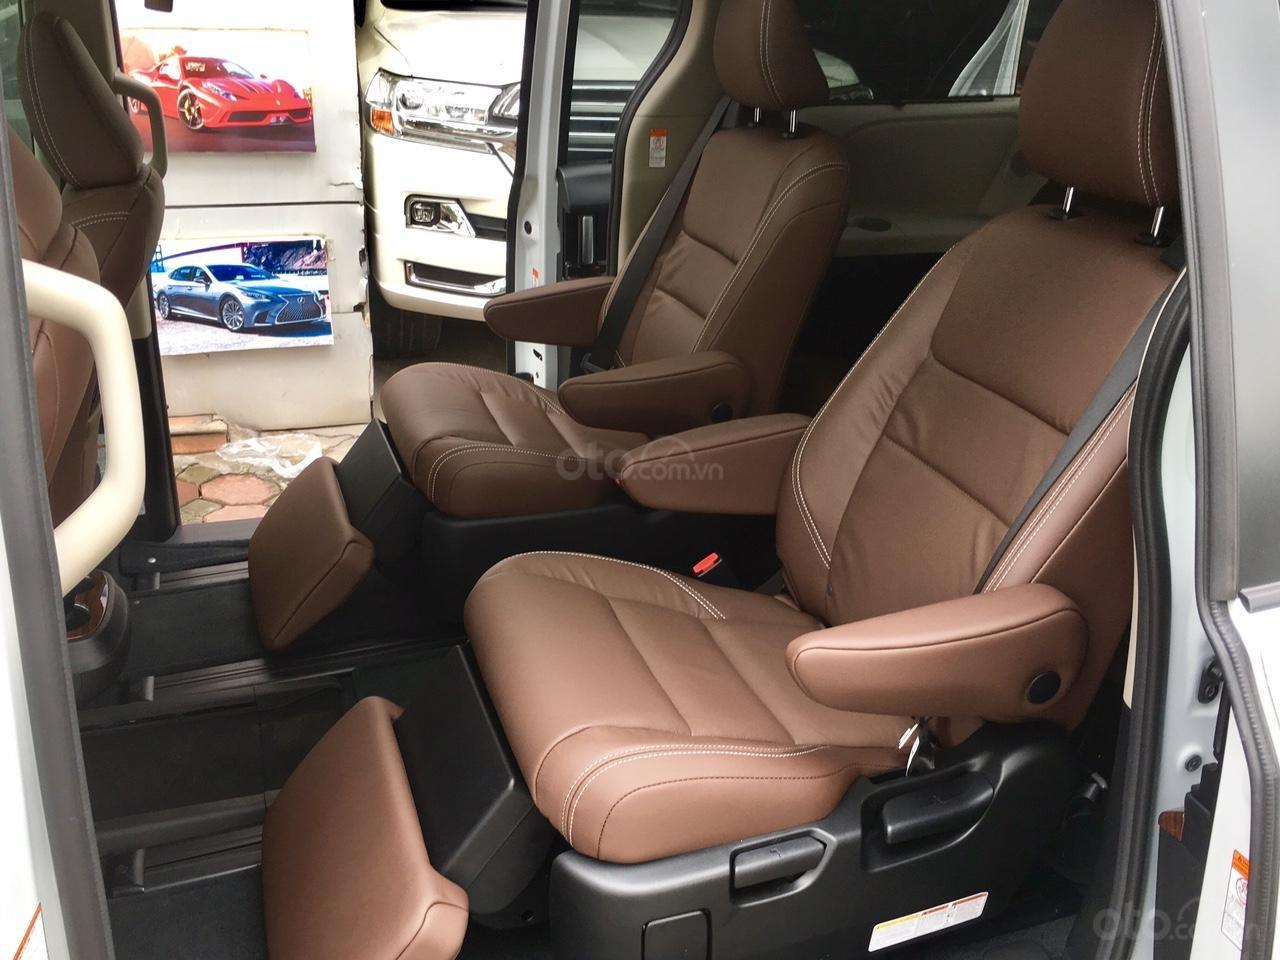 Bán Toyota Sienna Limited 1 cầu 2019, nhập Mỹ đủ màu, Lh 0945.39.2468 Ms Hương (18)